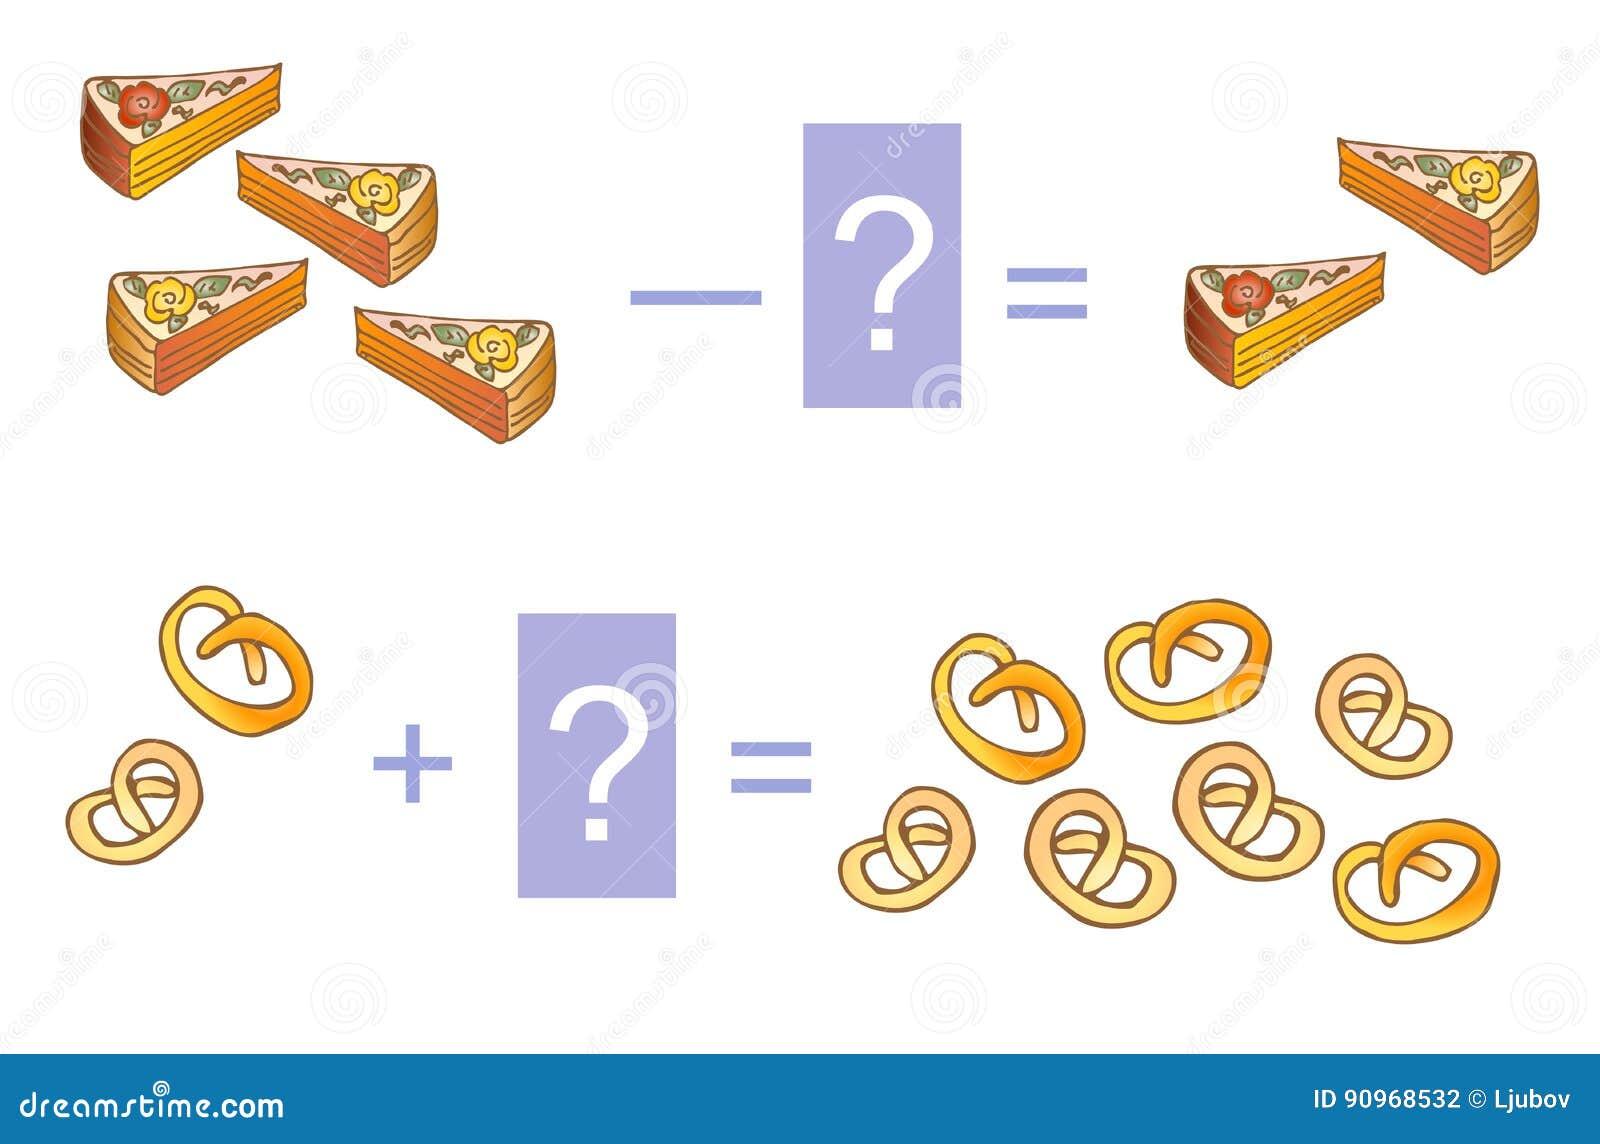 Lernspiel Fur Kinder Mathematischer Zusatz Und Abzug Beispiele Mit